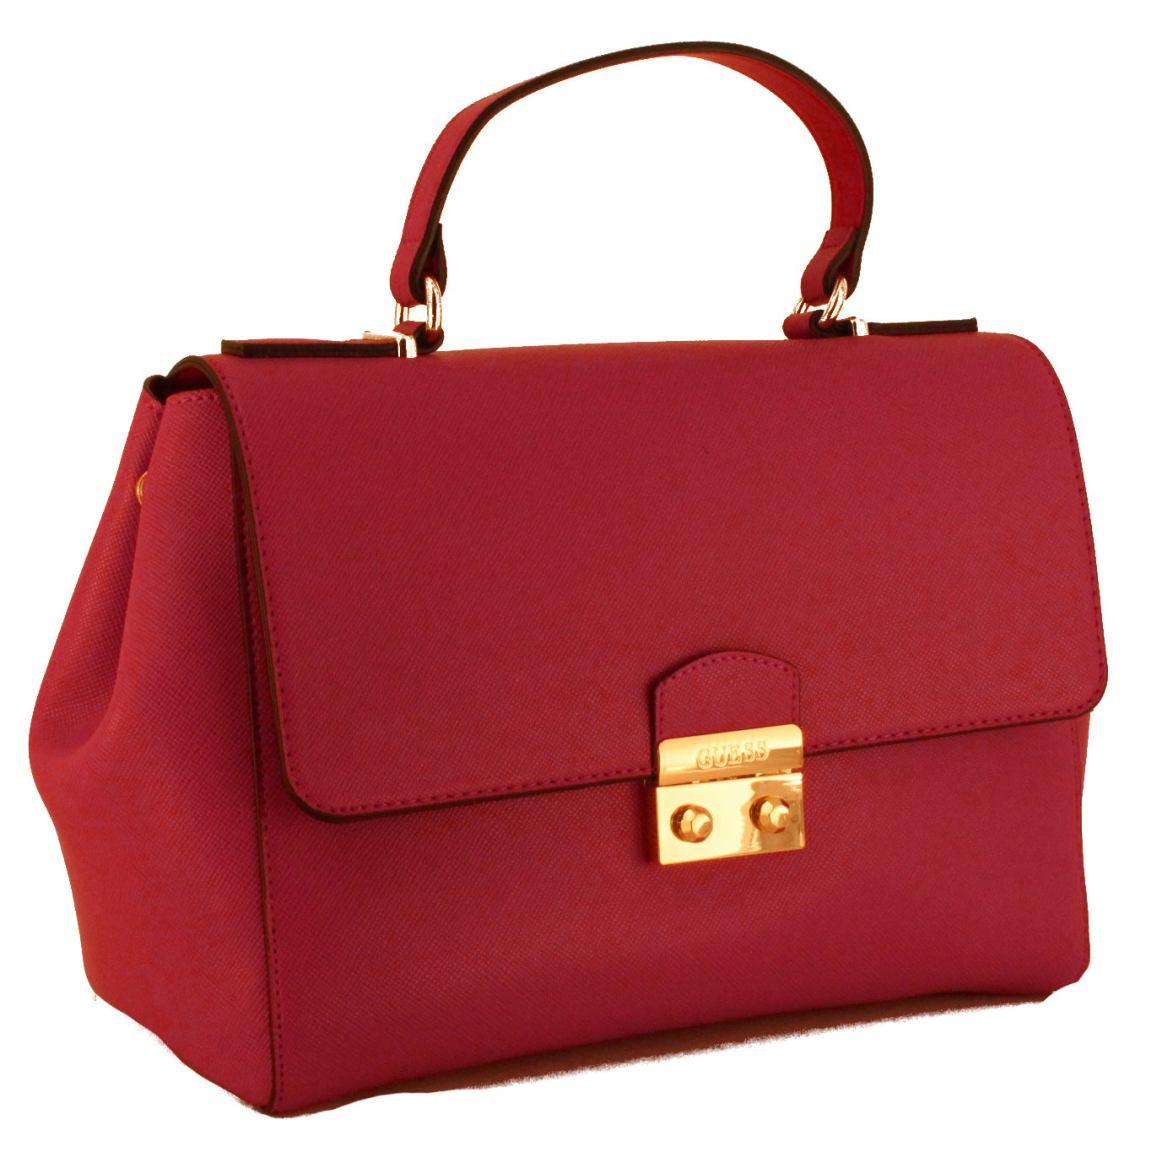 f1fdf0dcb1748 Guess Handtasche Henkel Kunstleder Fucsia Pink Gold - Bags   more